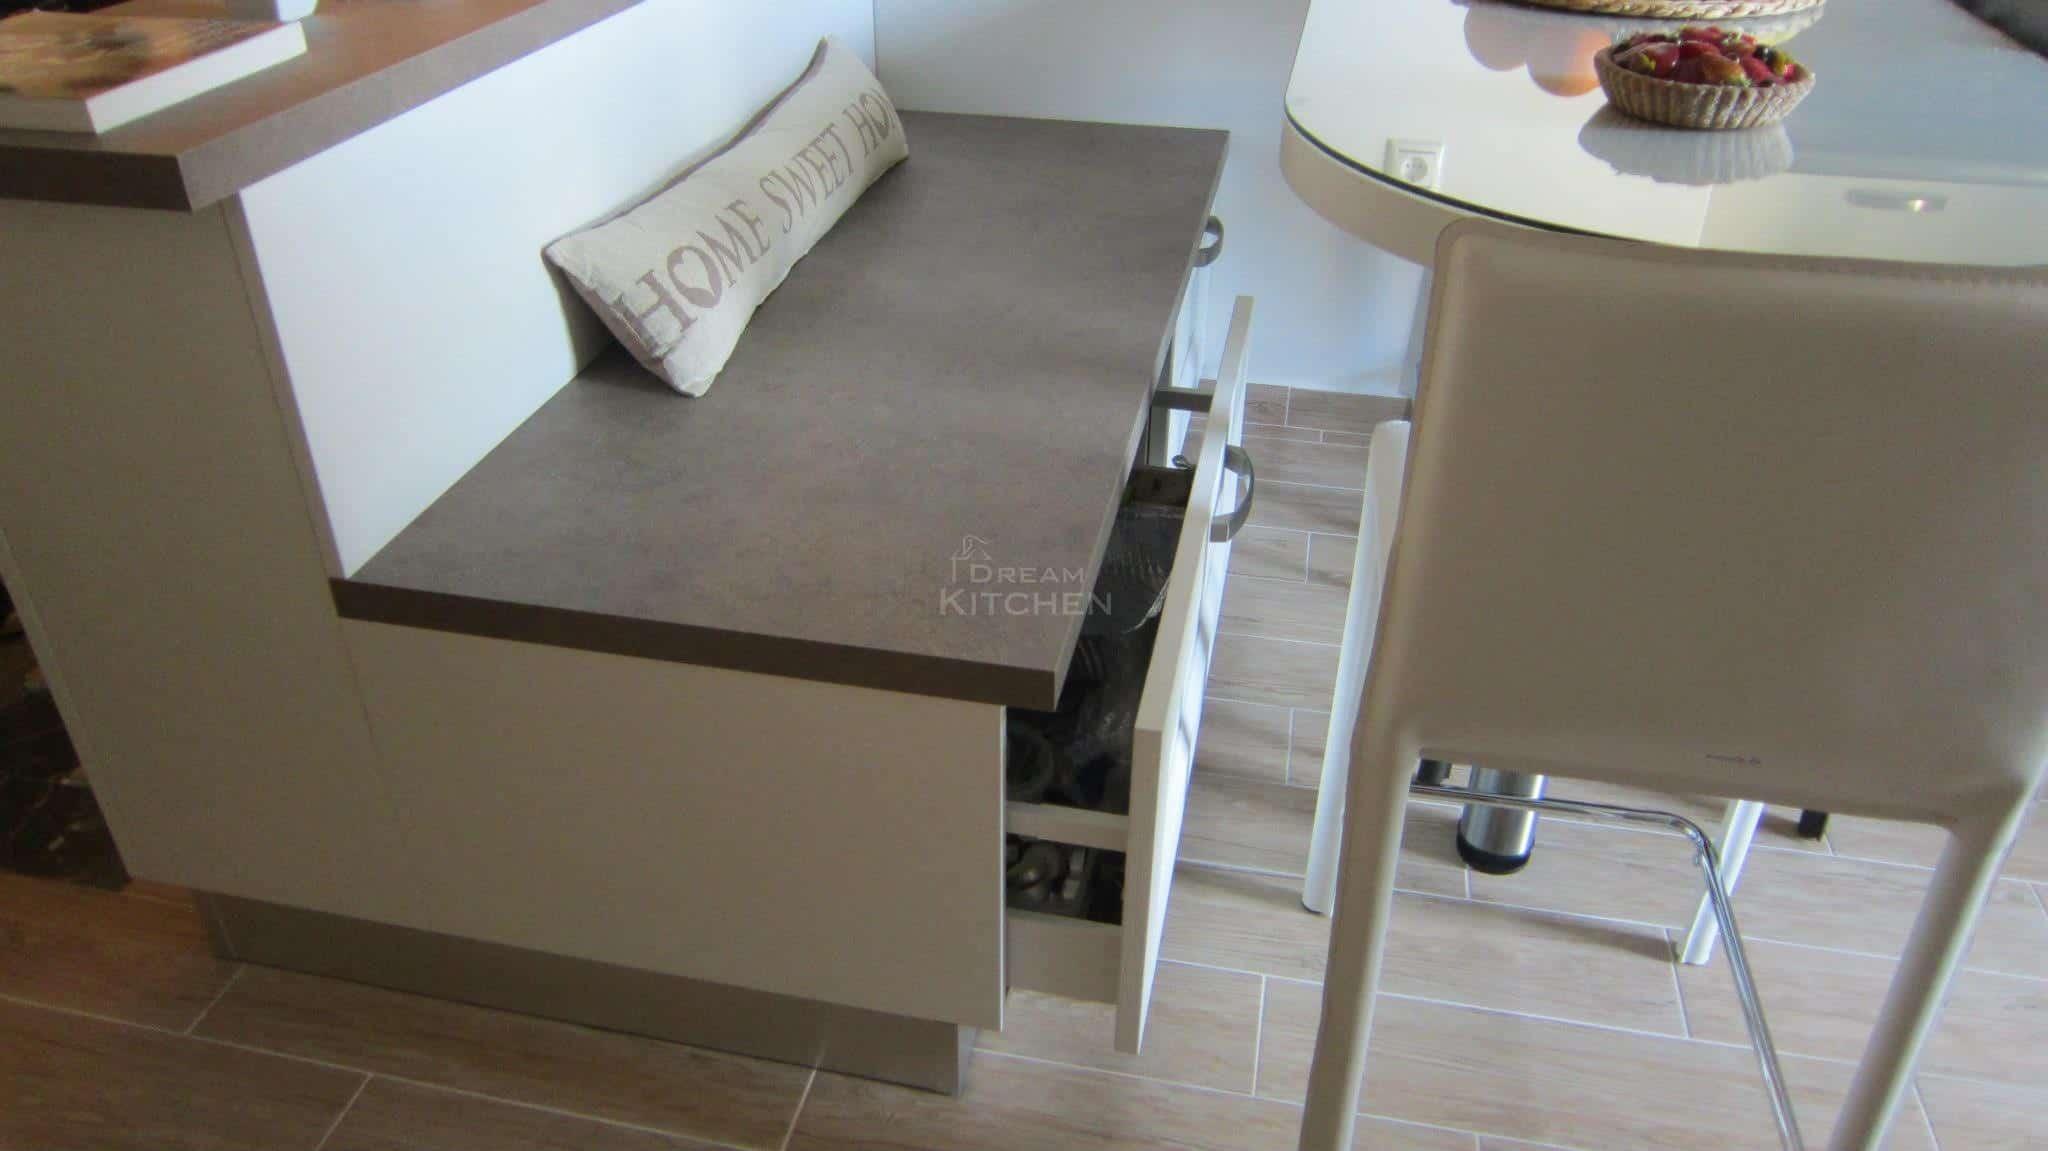 Κουζινα Πολυμερικο σε λευκο χρωματισμο 17